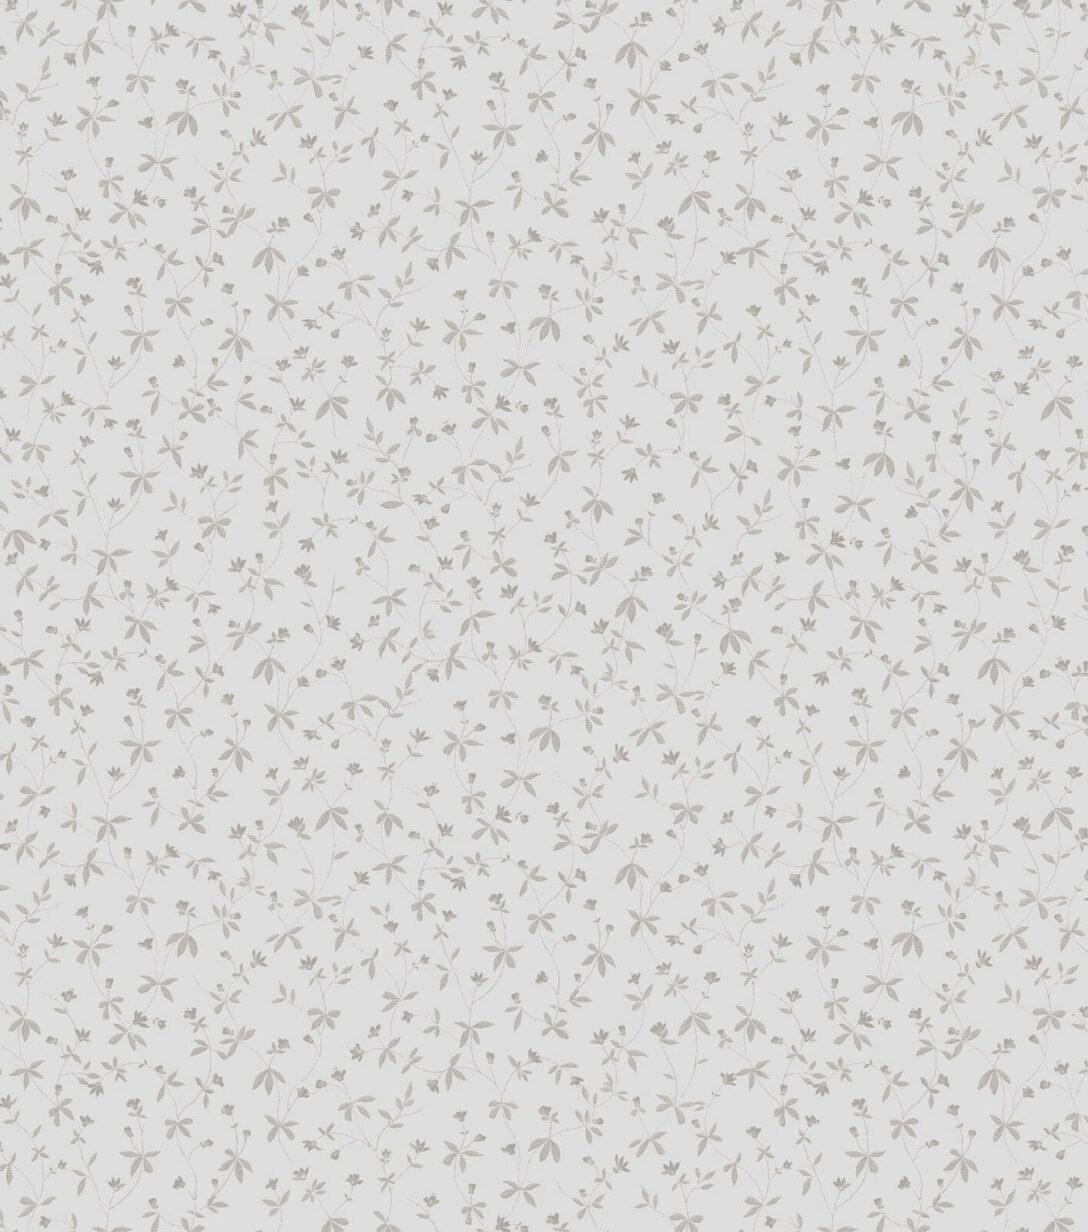 Large Size of Küchentapete Landhausstil Tapeten Mehr Als 10000 Angebote Schlafzimmer Weiß Esstisch Betten Bett Küche Bad Sofa Boxspring Wohnzimmer Regal Wohnzimmer Küchentapete Landhausstil